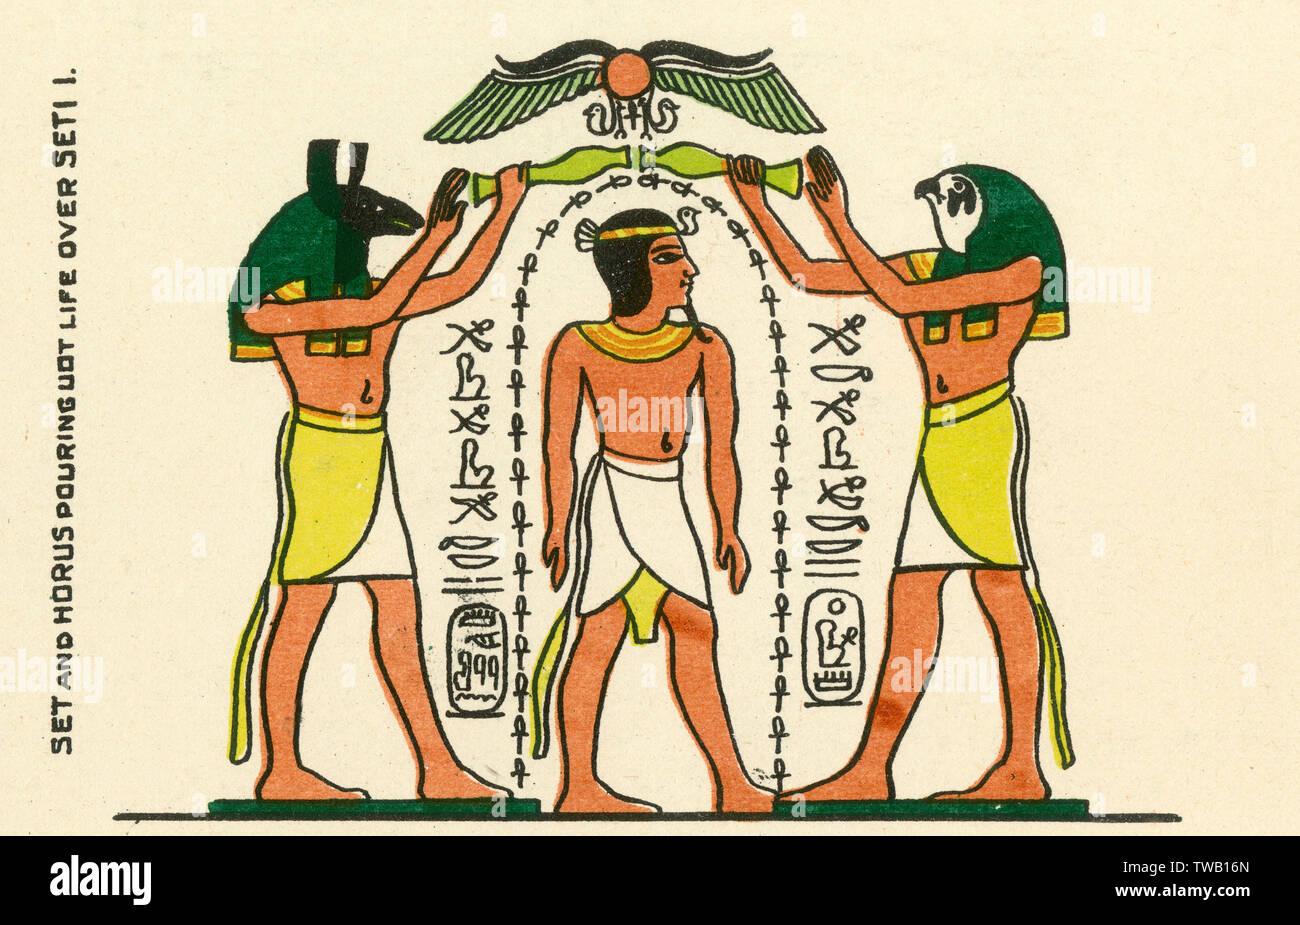 Seth, anche se spesso violenta, non è necessariamente malevola : qui egli è raffigurato con Horus, versando la vita oltre il faraone Seti I (circa 1310 BC) Data: Immagini Stock